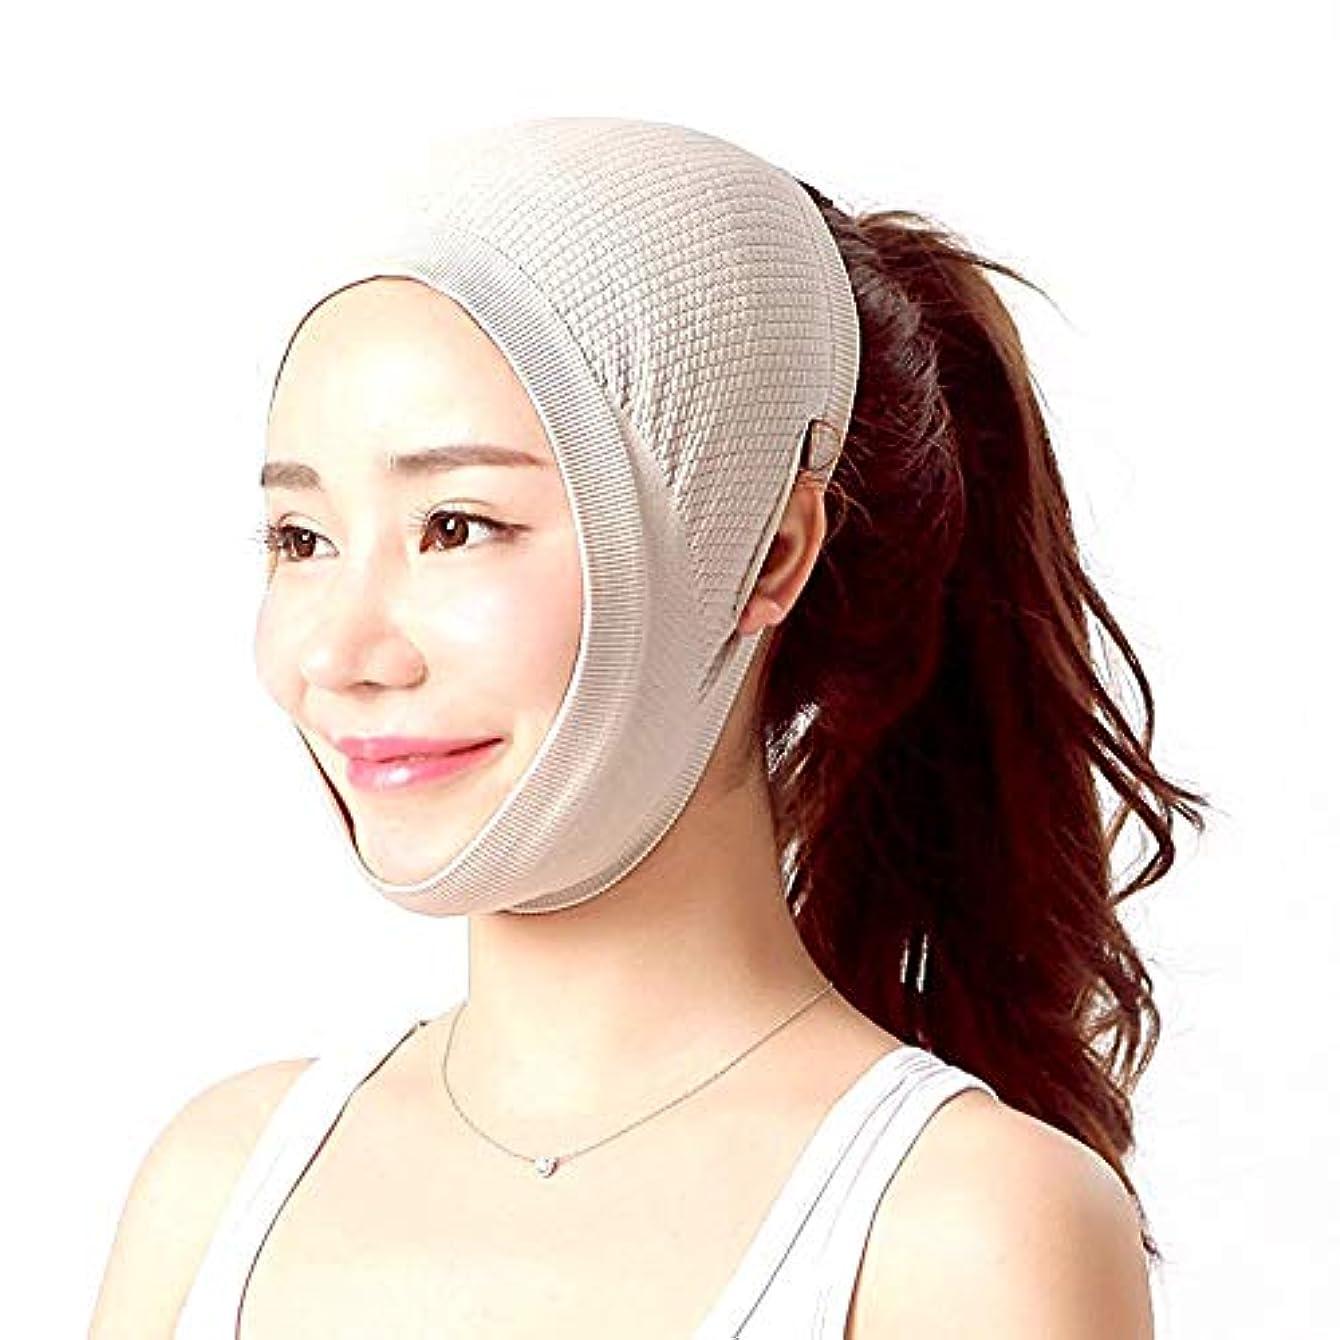 スペル請求可能活性化Jia Jia- フェイスリフティングアーティファクト包帯ライン術後回復包帯リフティングフェイスフードVフェイス包帯リフティングVフェイス美容マスク - 肌のトーン 顔面包帯